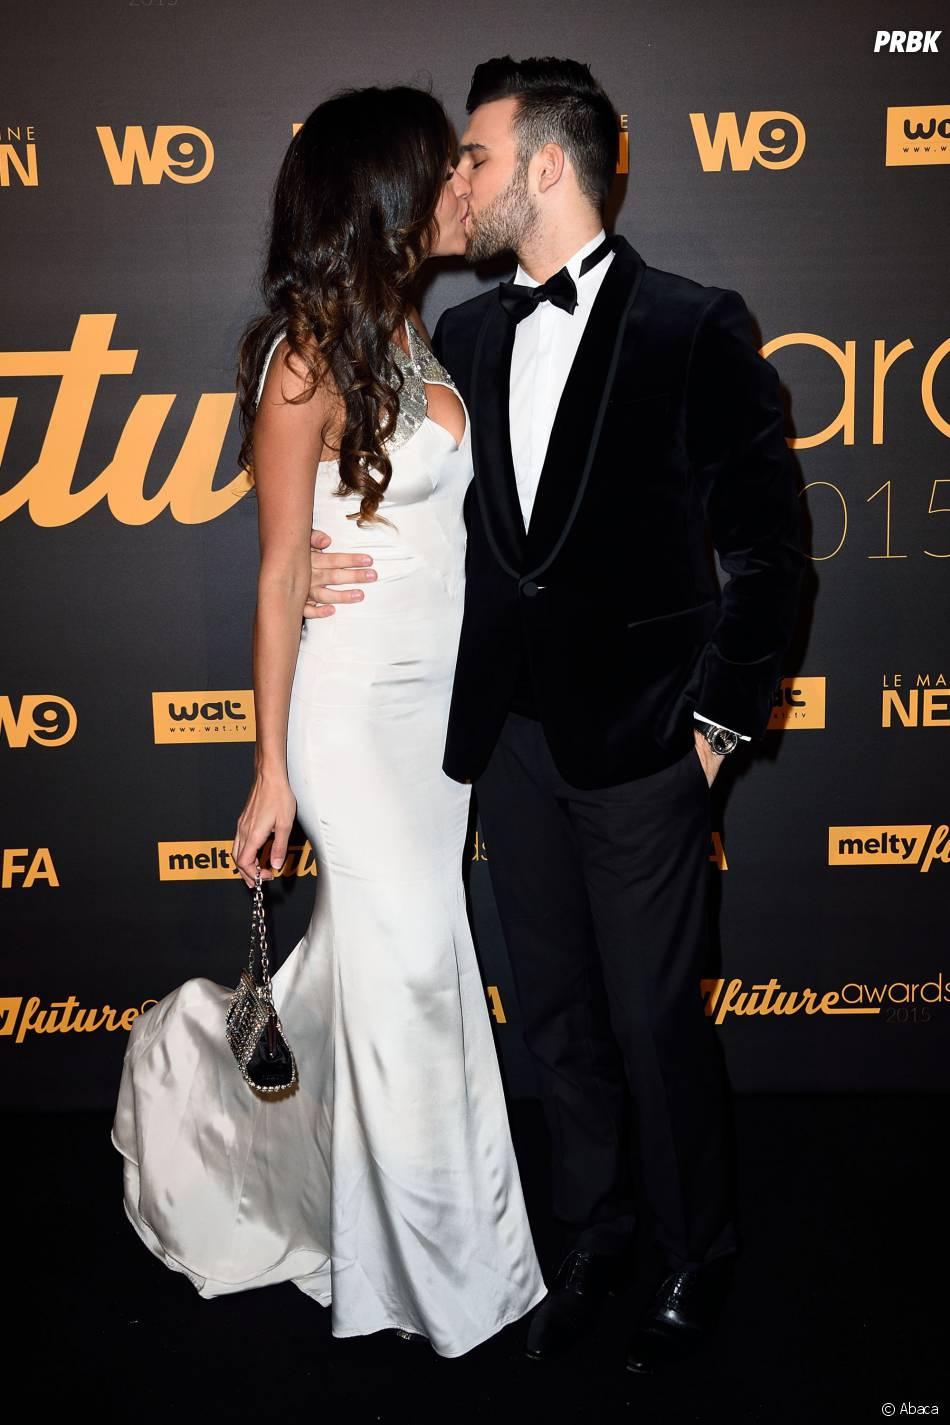 Leila Ben Khalifa et Aymeric Bonnery amoureux à la cérémonie des Melty Future Awards, le 28 janvier 2015 à Paris